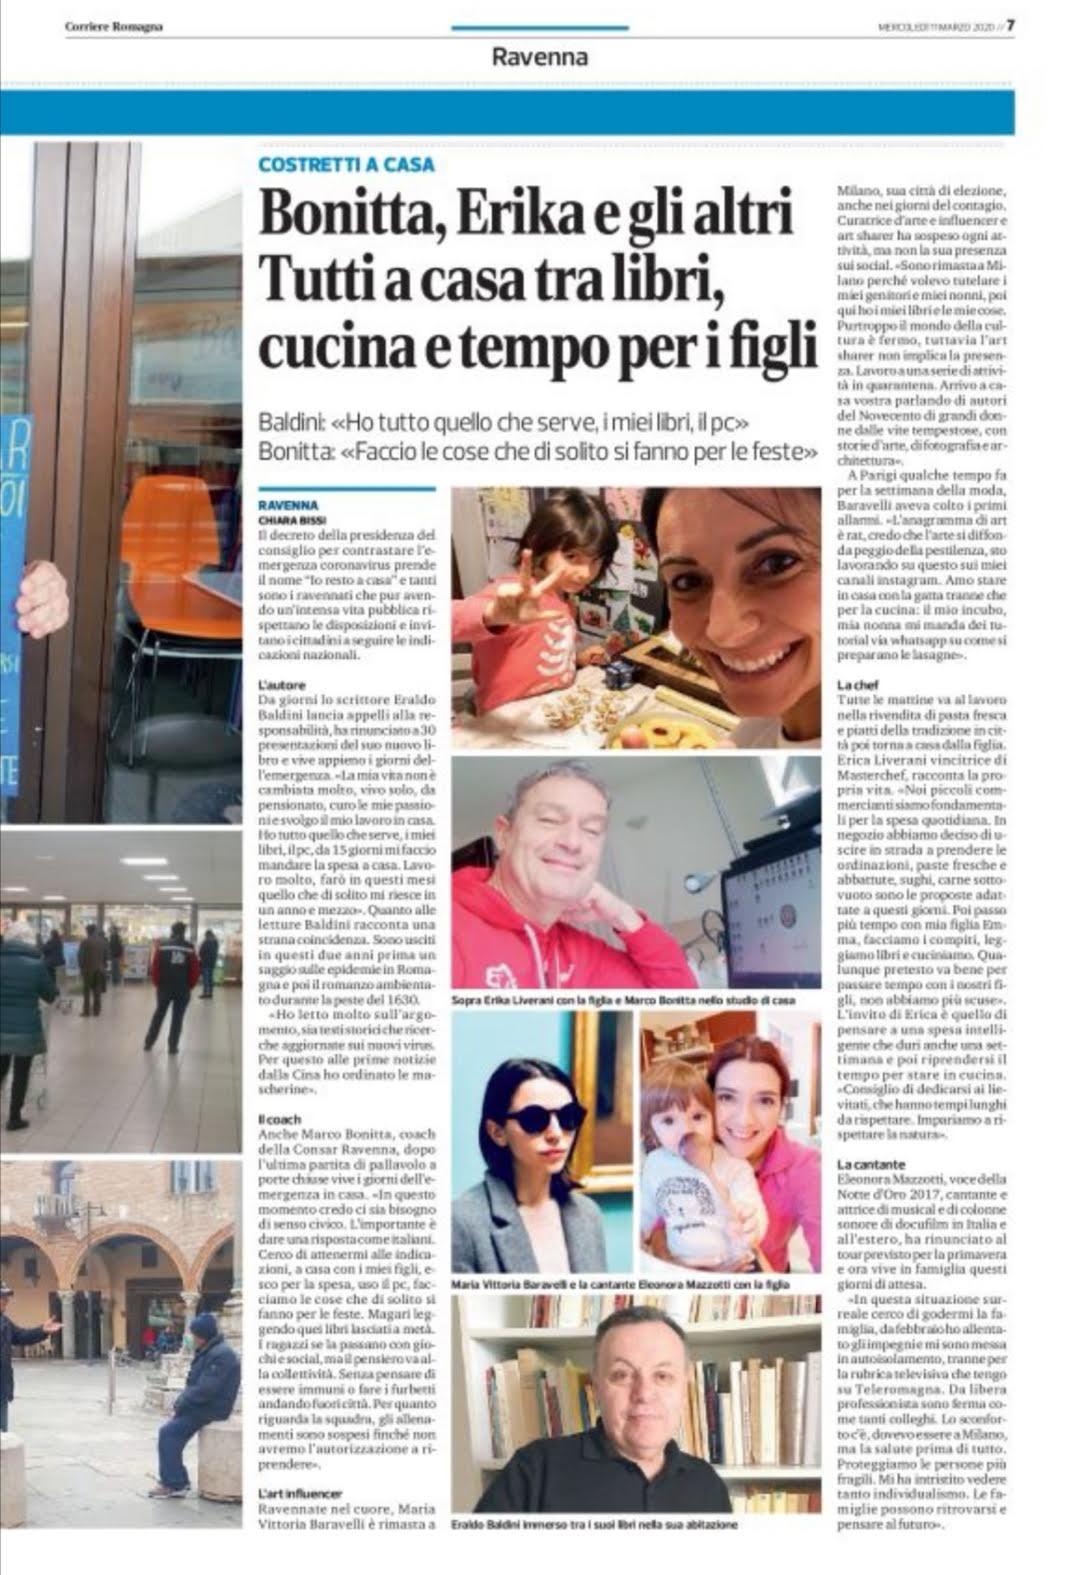 Corriere-Romagna_11_03_2020